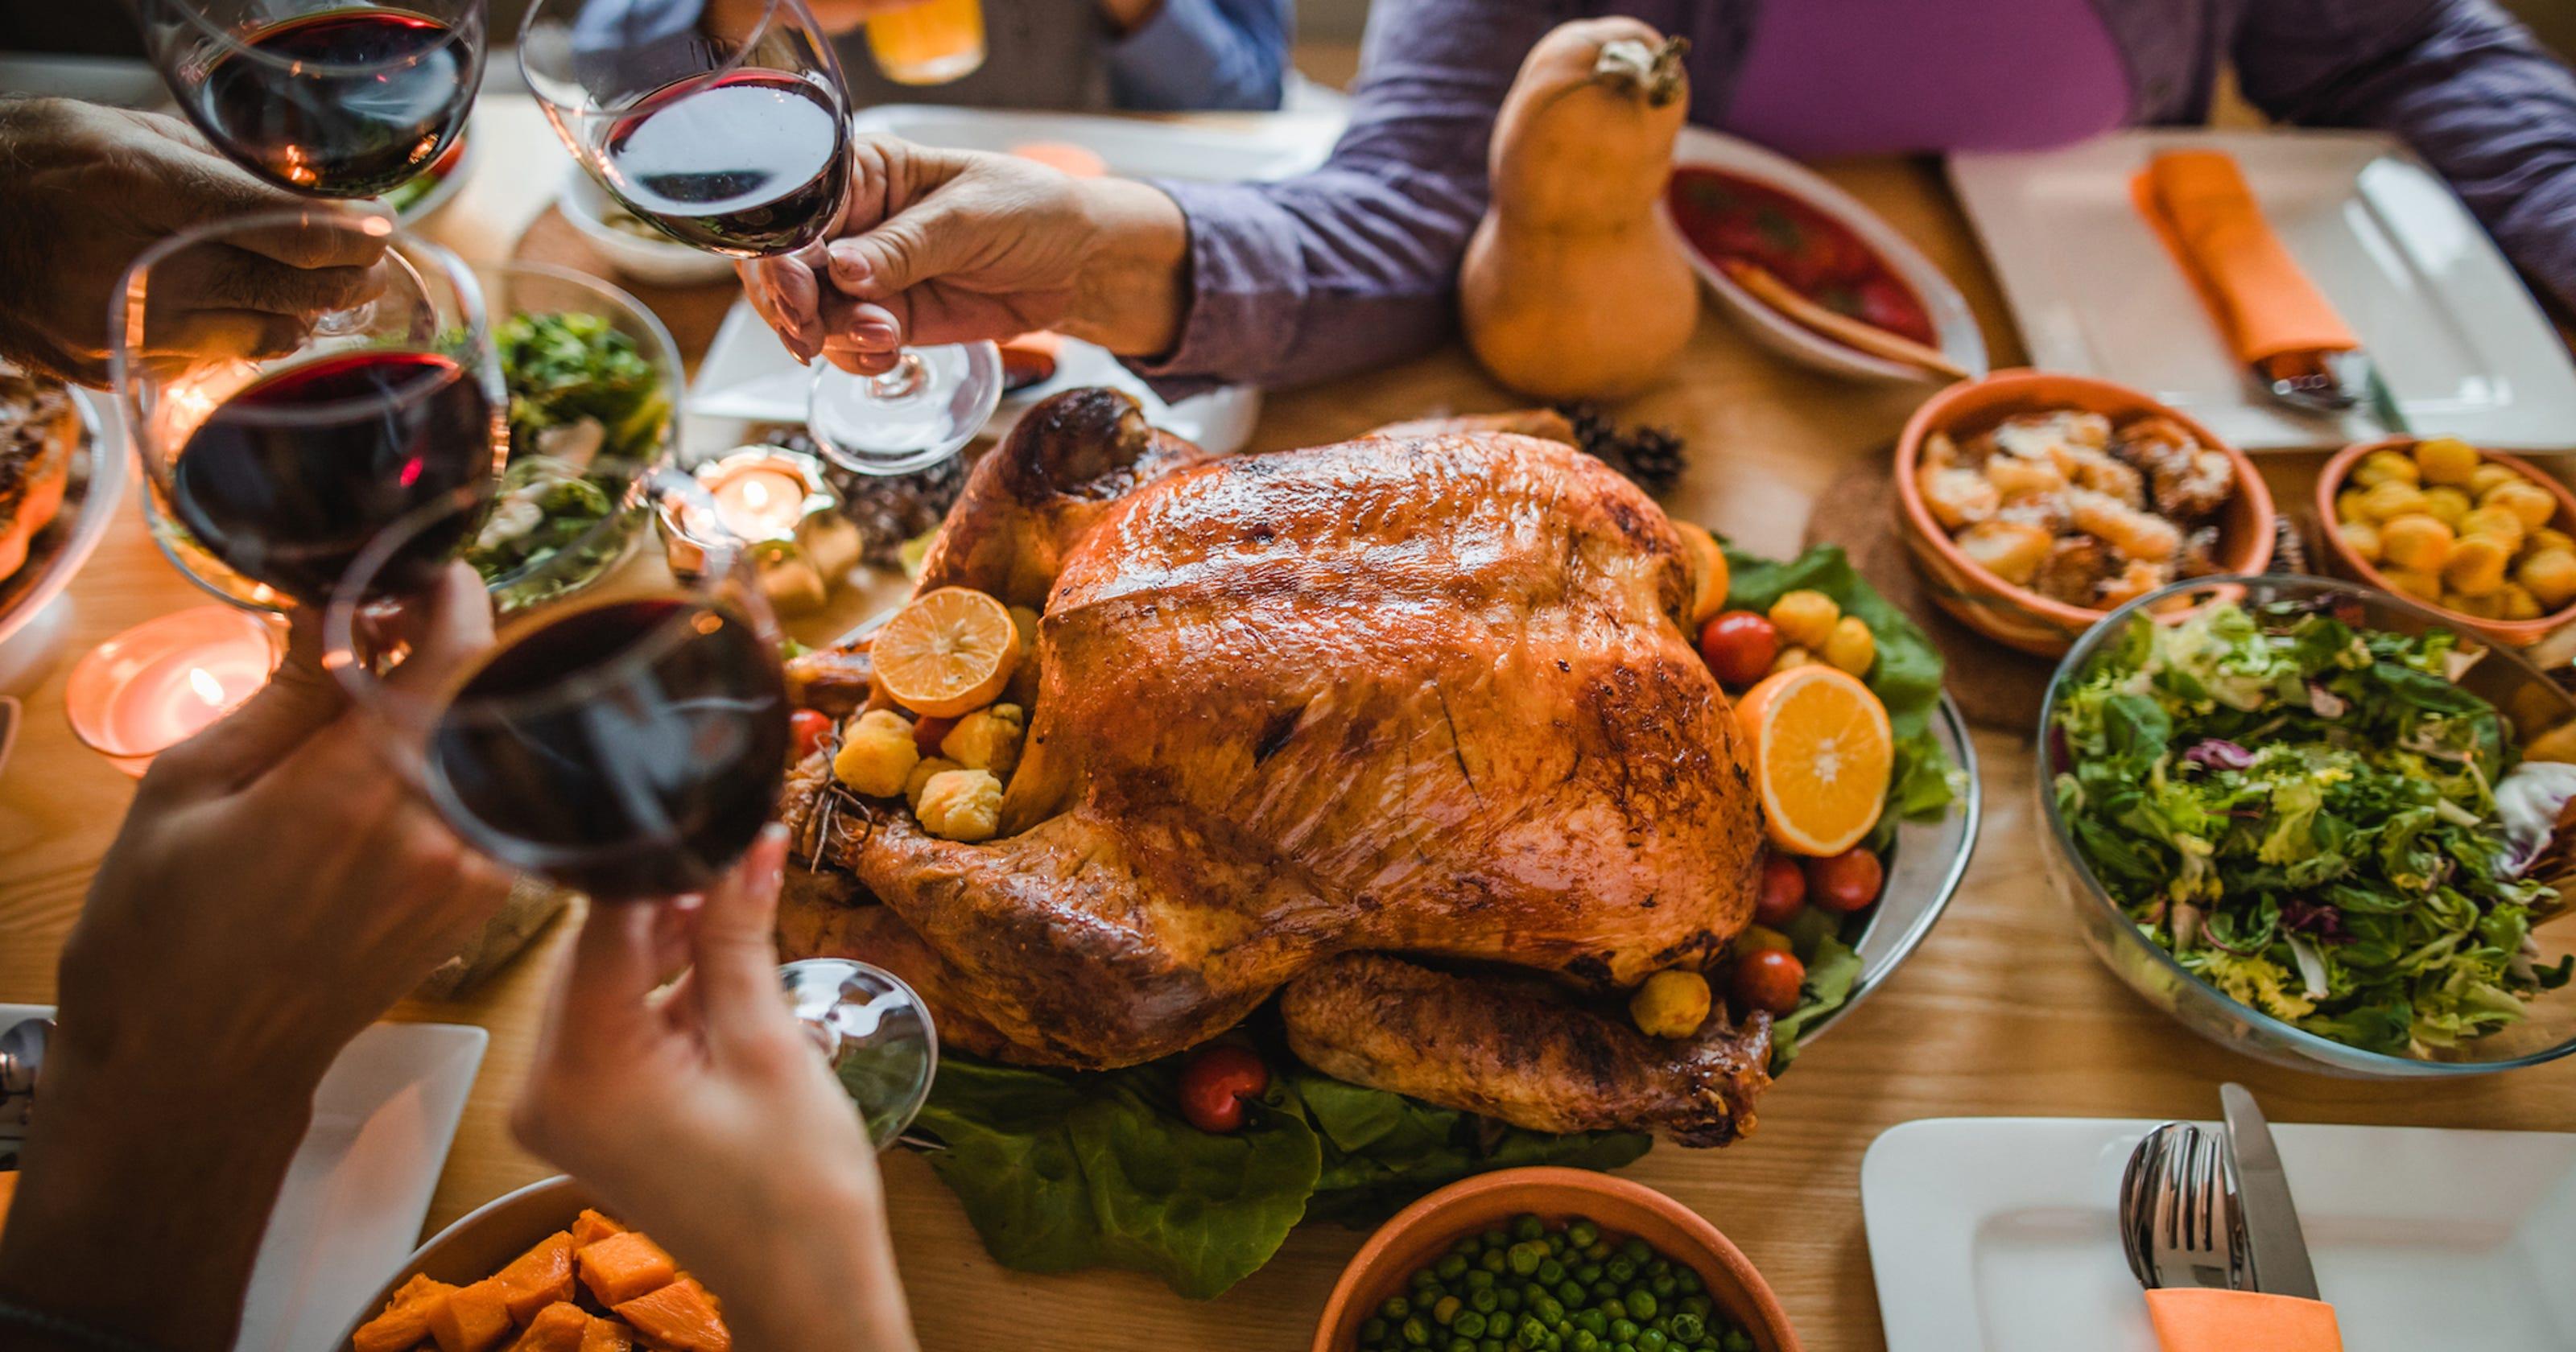 Thanksgiving, Christmas dinner recipes from Shreveport, Bossier chefs